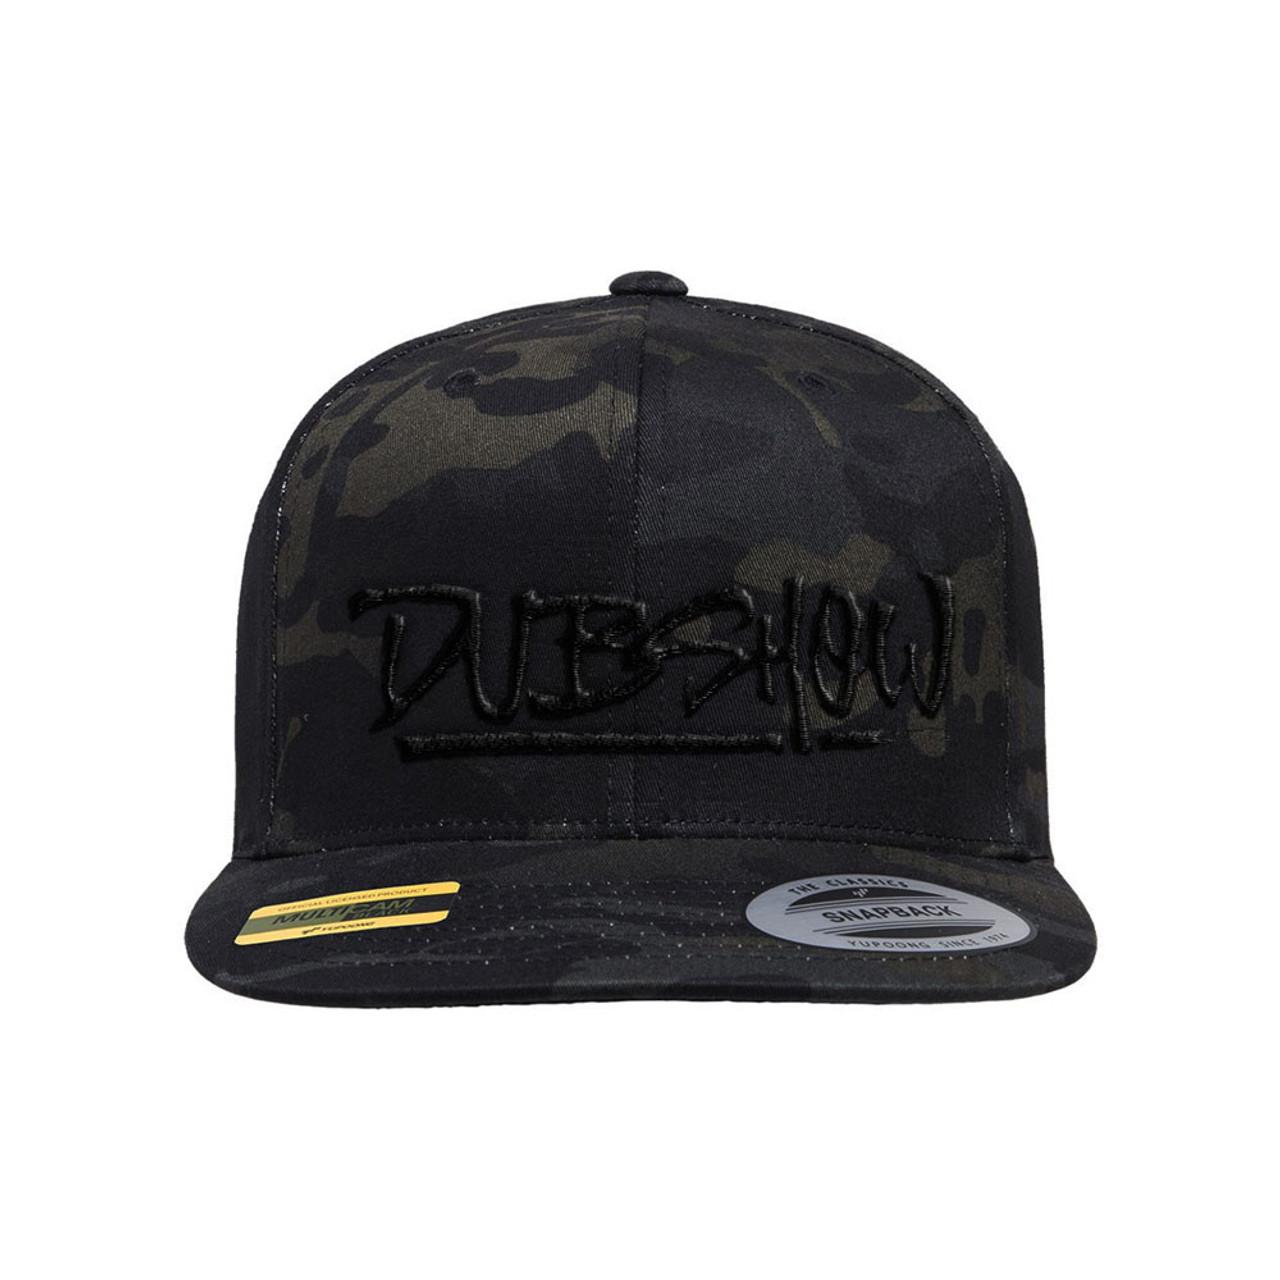 DUB Show Script Snapback - Multicam Black - DUB Shop 410d6b047aac